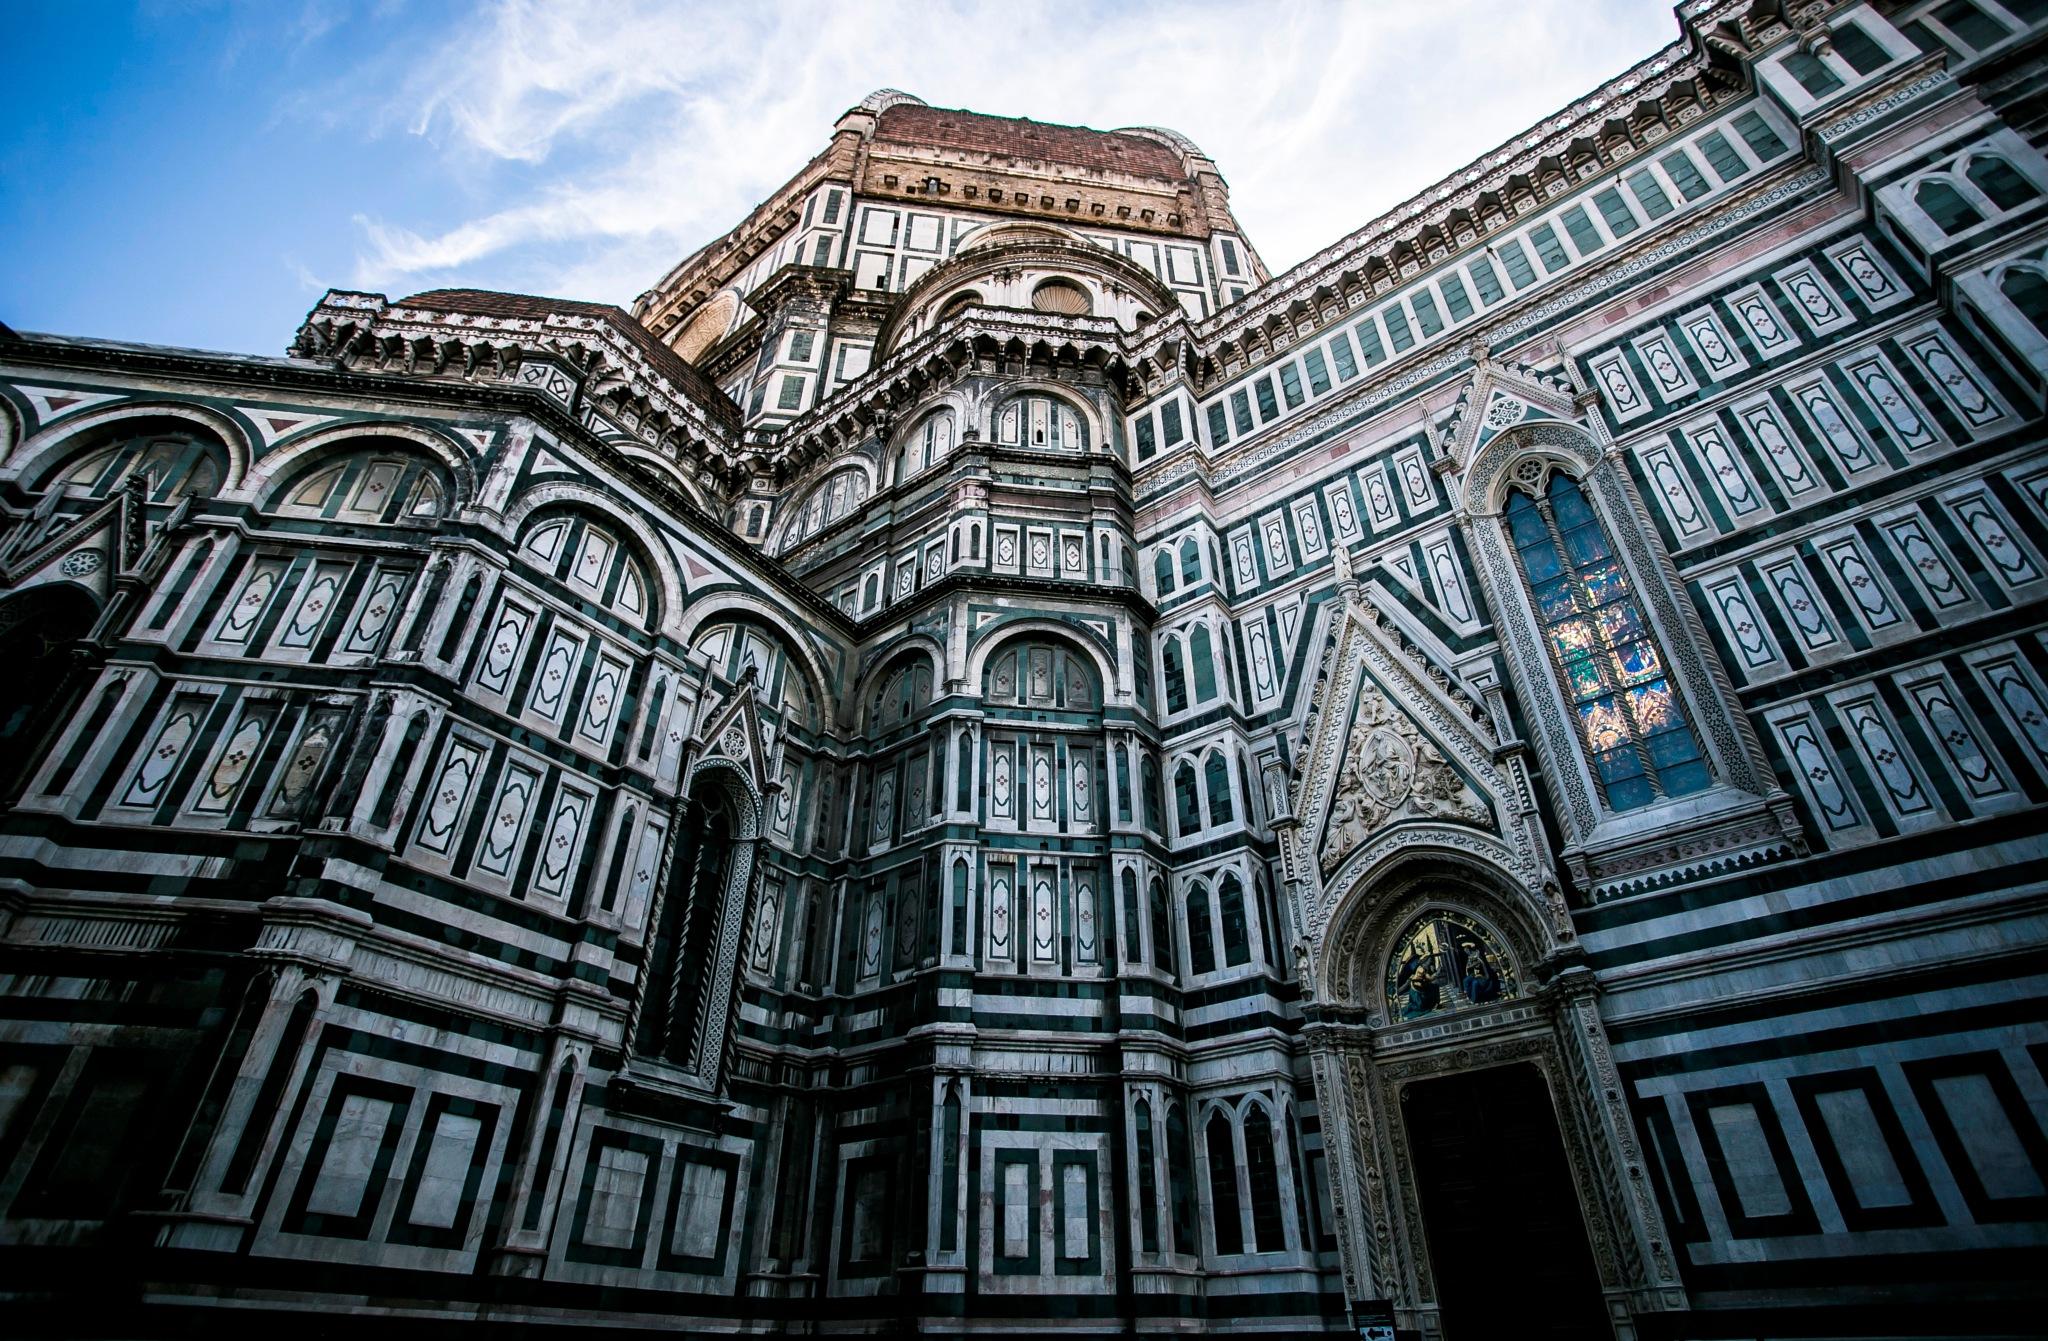 Duomo Firenze by marion.vanriet